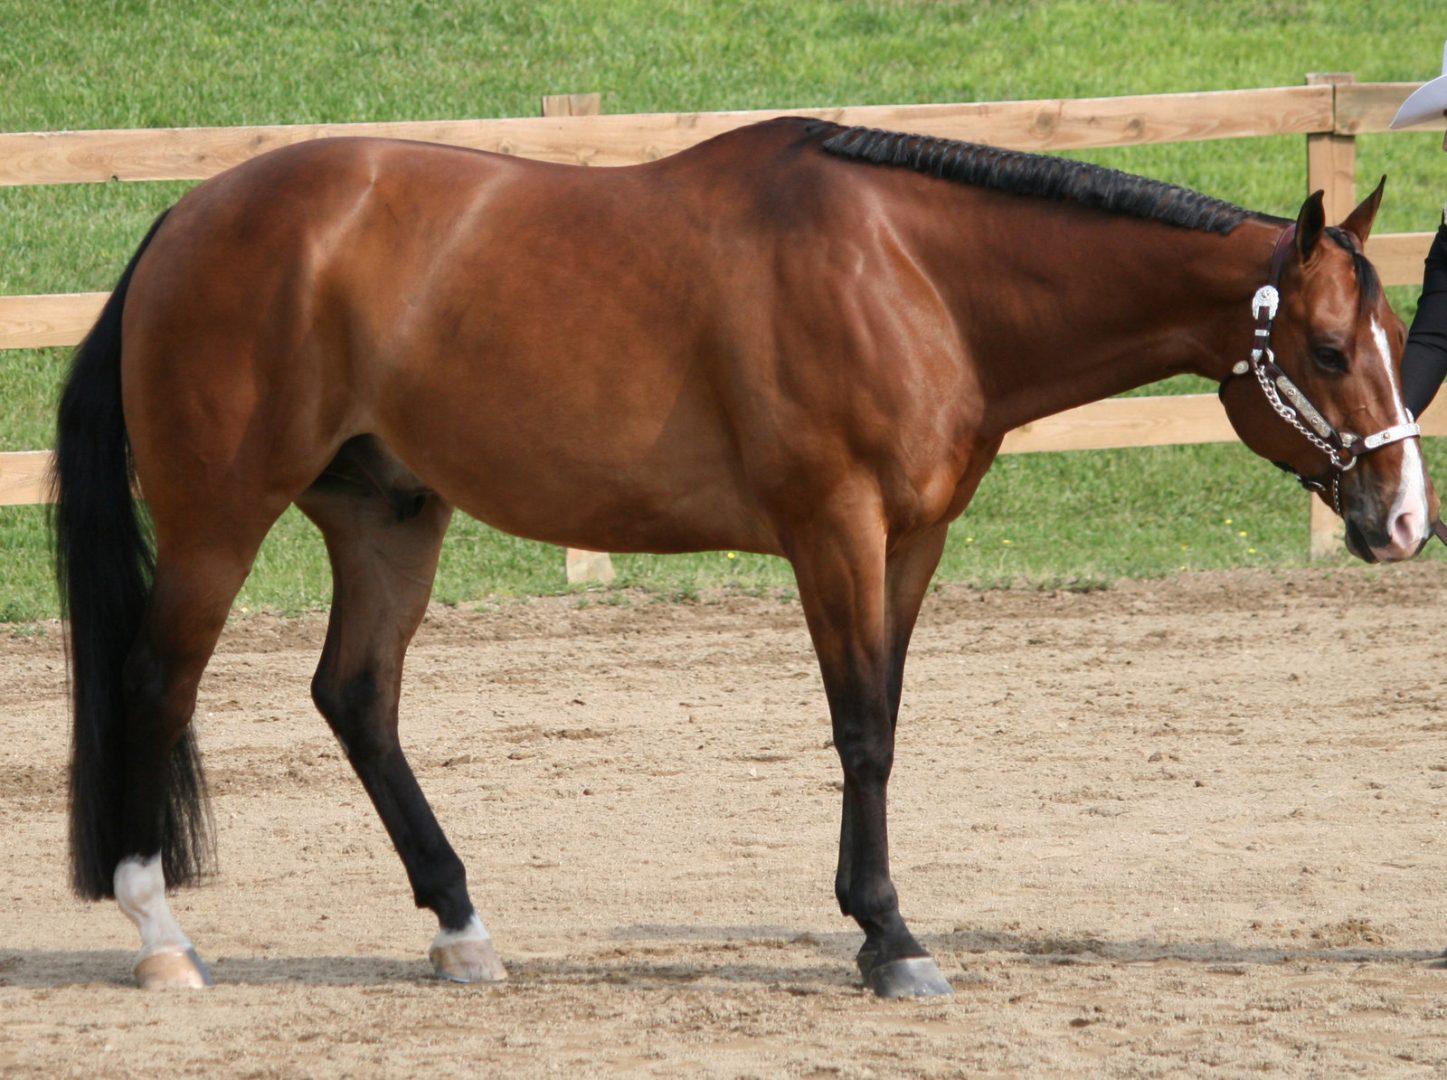 Caballos quarter horse